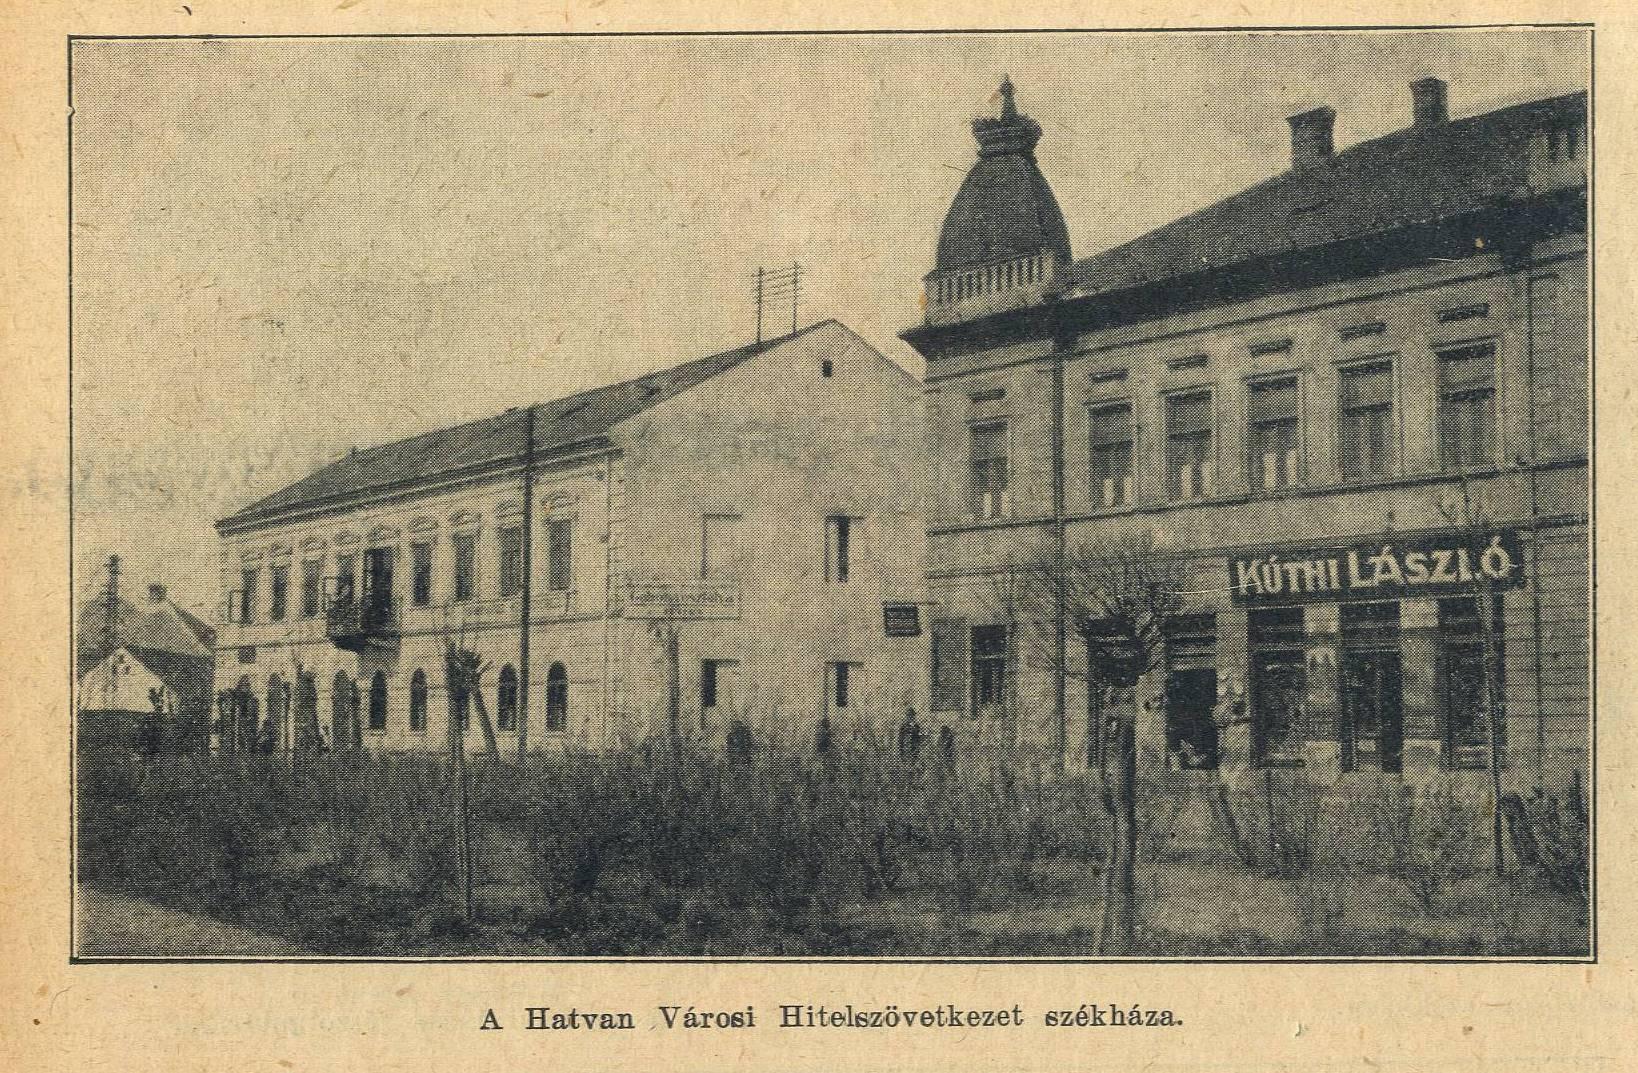 A Hatvani Hitelszövetkezet épülete (balra). Hej, az a régi szép erkély…